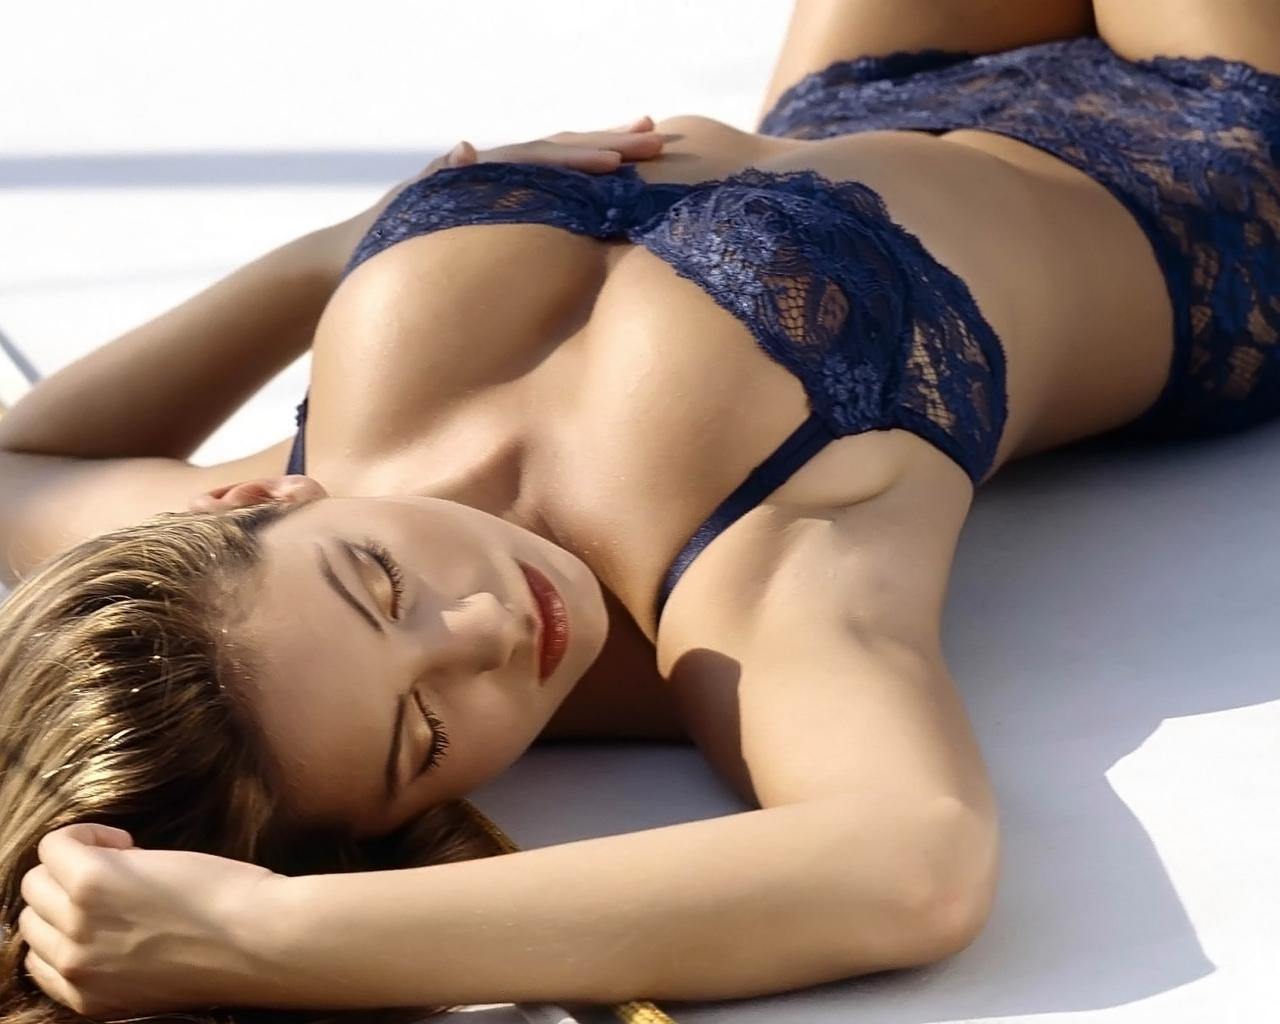 http://3.bp.blogspot.com/-Tu0iK7AJ9yM/TdeKiG-sCGI/AAAAAAAAANo/-GZgqyHWsMI/s1600/kb19.jpg